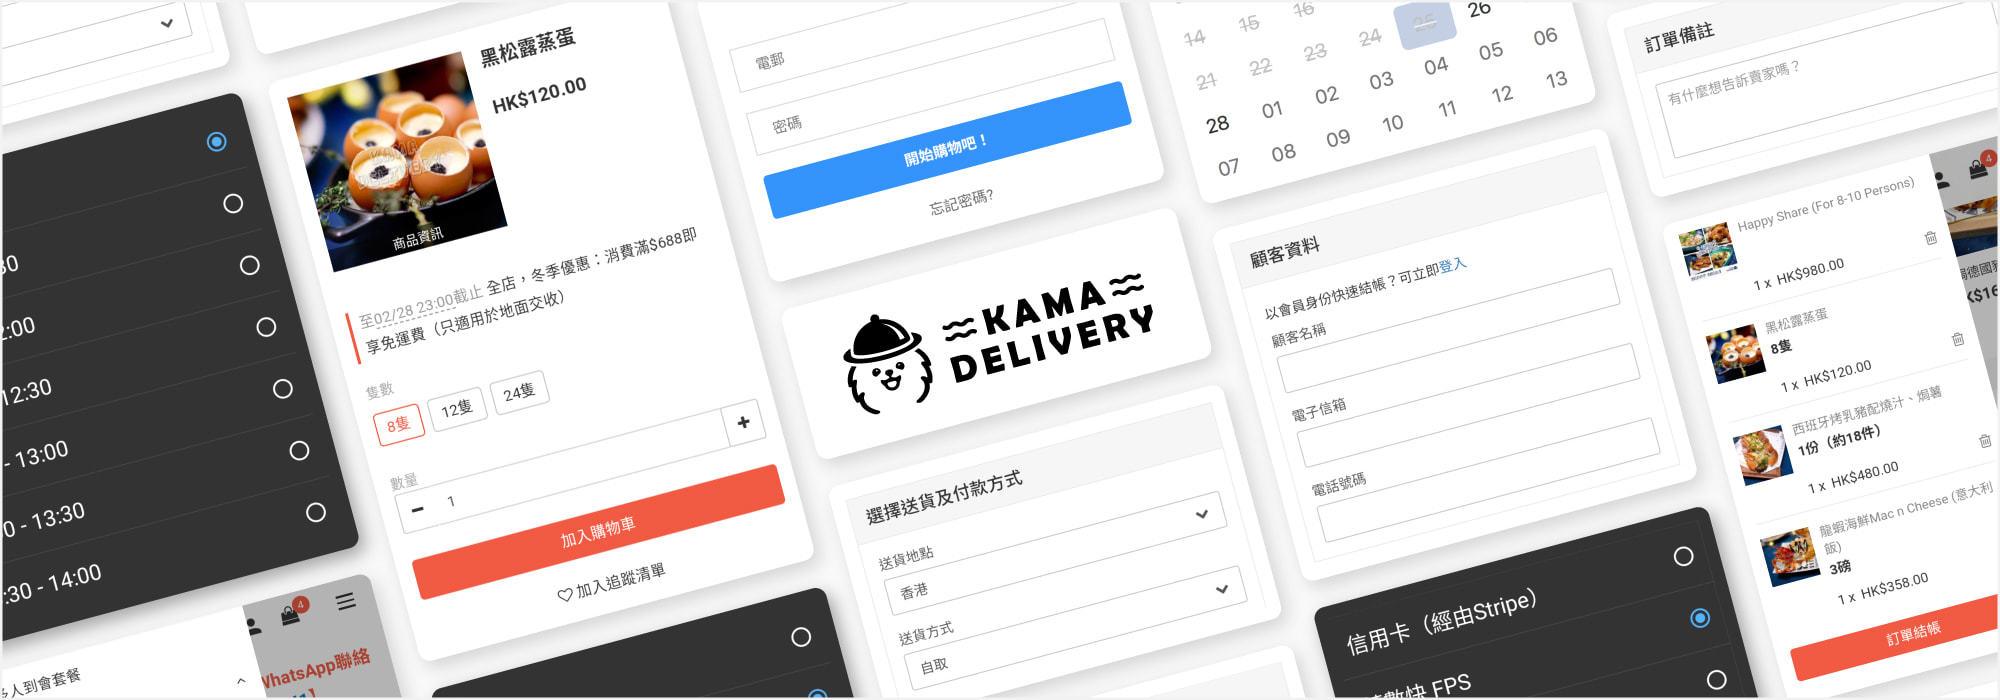 新手訂購到會必睇【網站手機落單圖文教學】|Kama Delivery到會外賣速遞服務